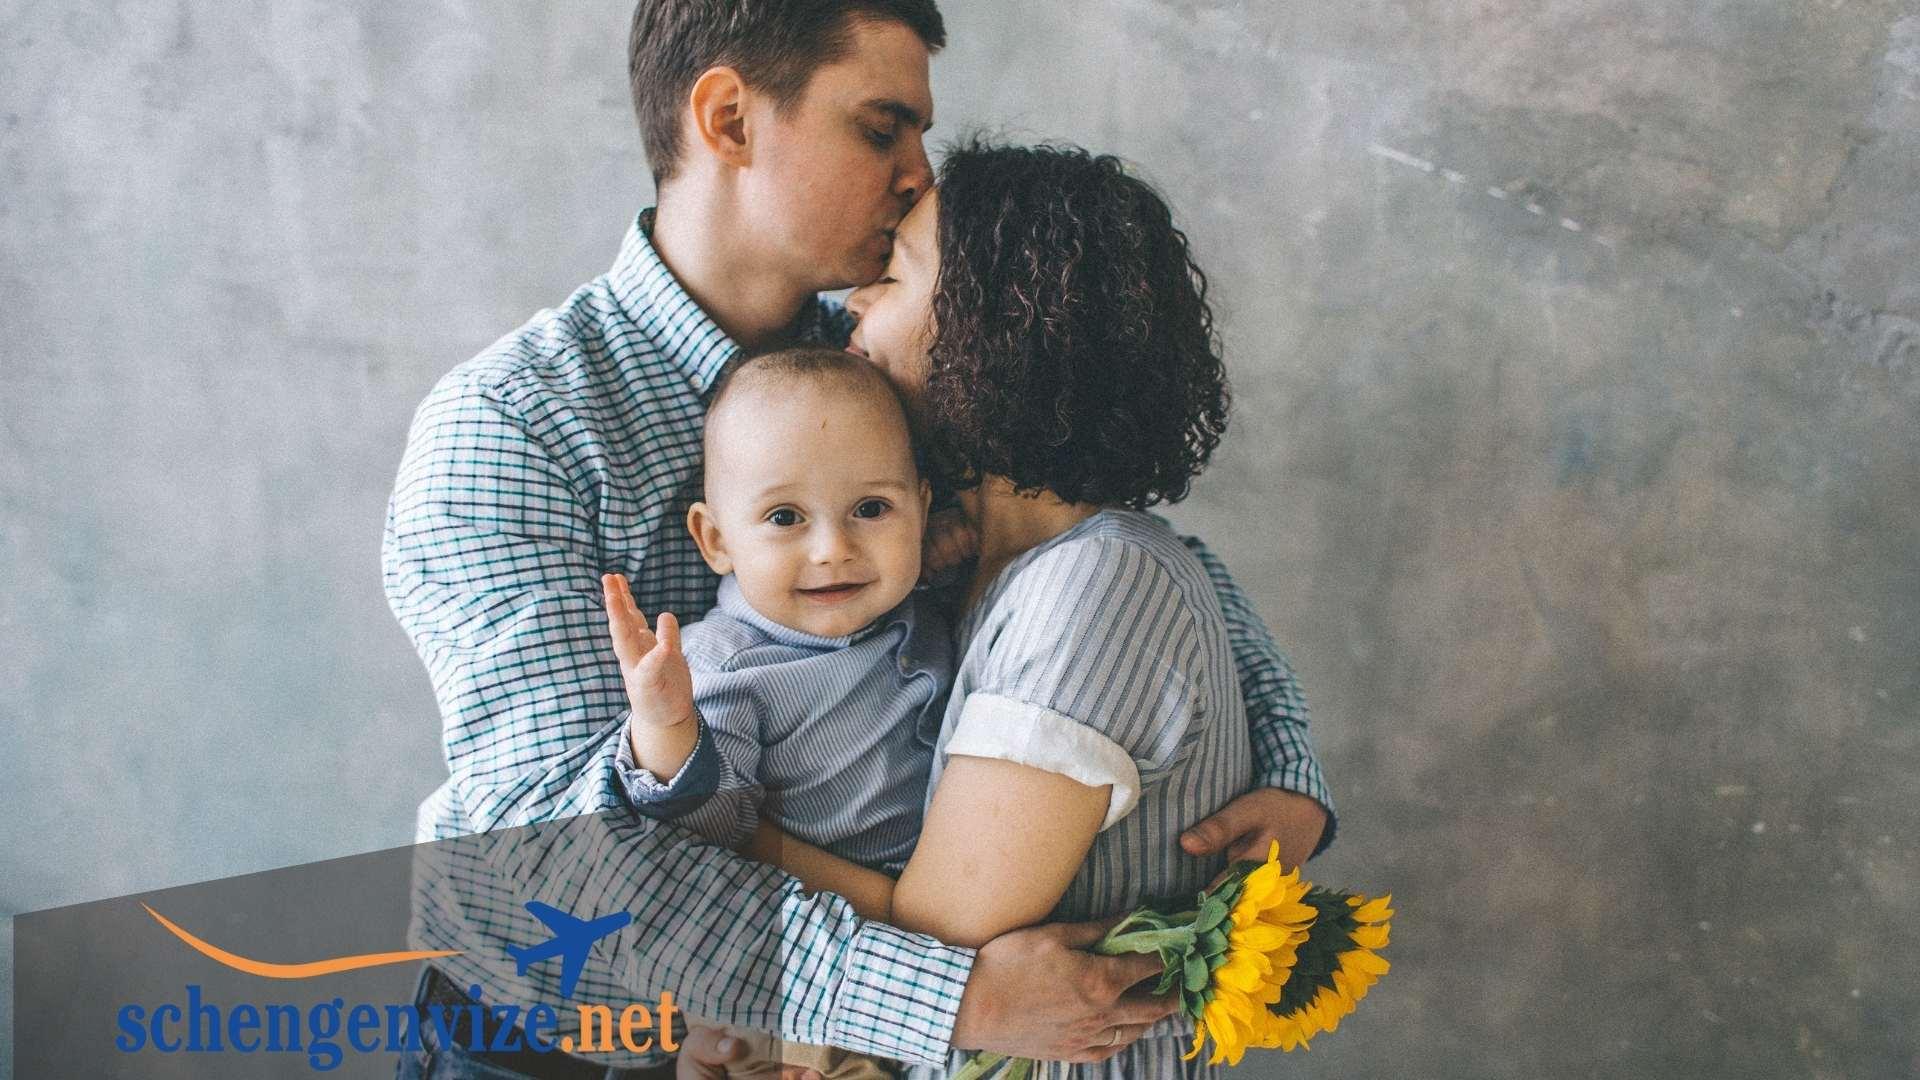 Bulgaristan Aile Birleşimi Başvurusu Nasıl Gerçekleşir?